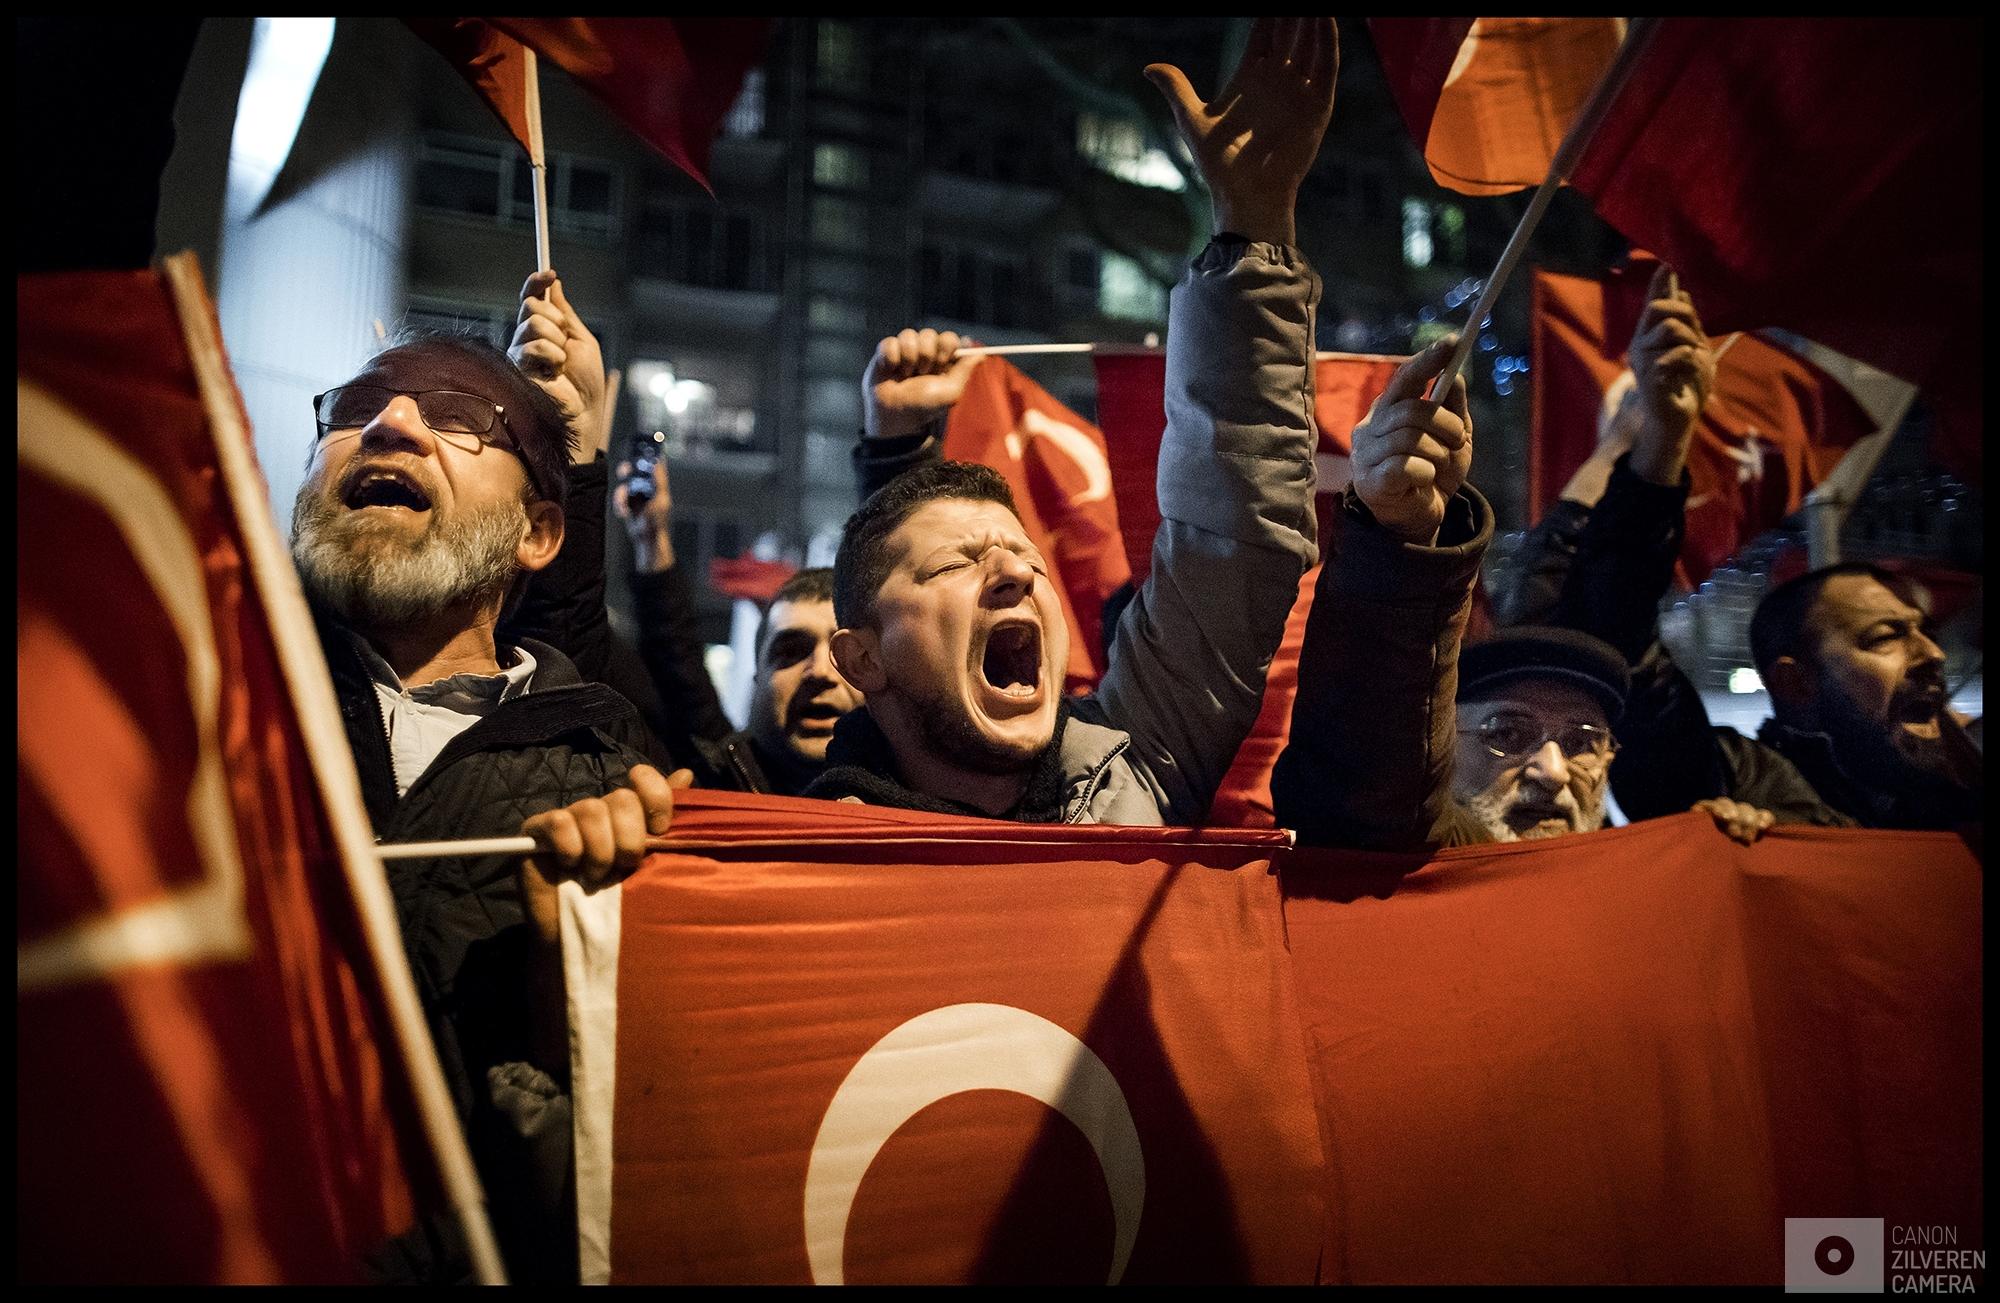 ROTTERDAM - Een woedende menigte van Turks Nederlandse Erdogan-aanhangers demonstreert bij het Turkse consulaat aan Westblaak in Rotterdam, waar de Turkse minister Fatma Betul Sayan Kaya van Familiezaken en toespraak wil houden over het Turkse referendum. Eerder op de dag is bekend geworden dat de minister met een auto vanuit Duitsland naar Rotterdam komt.